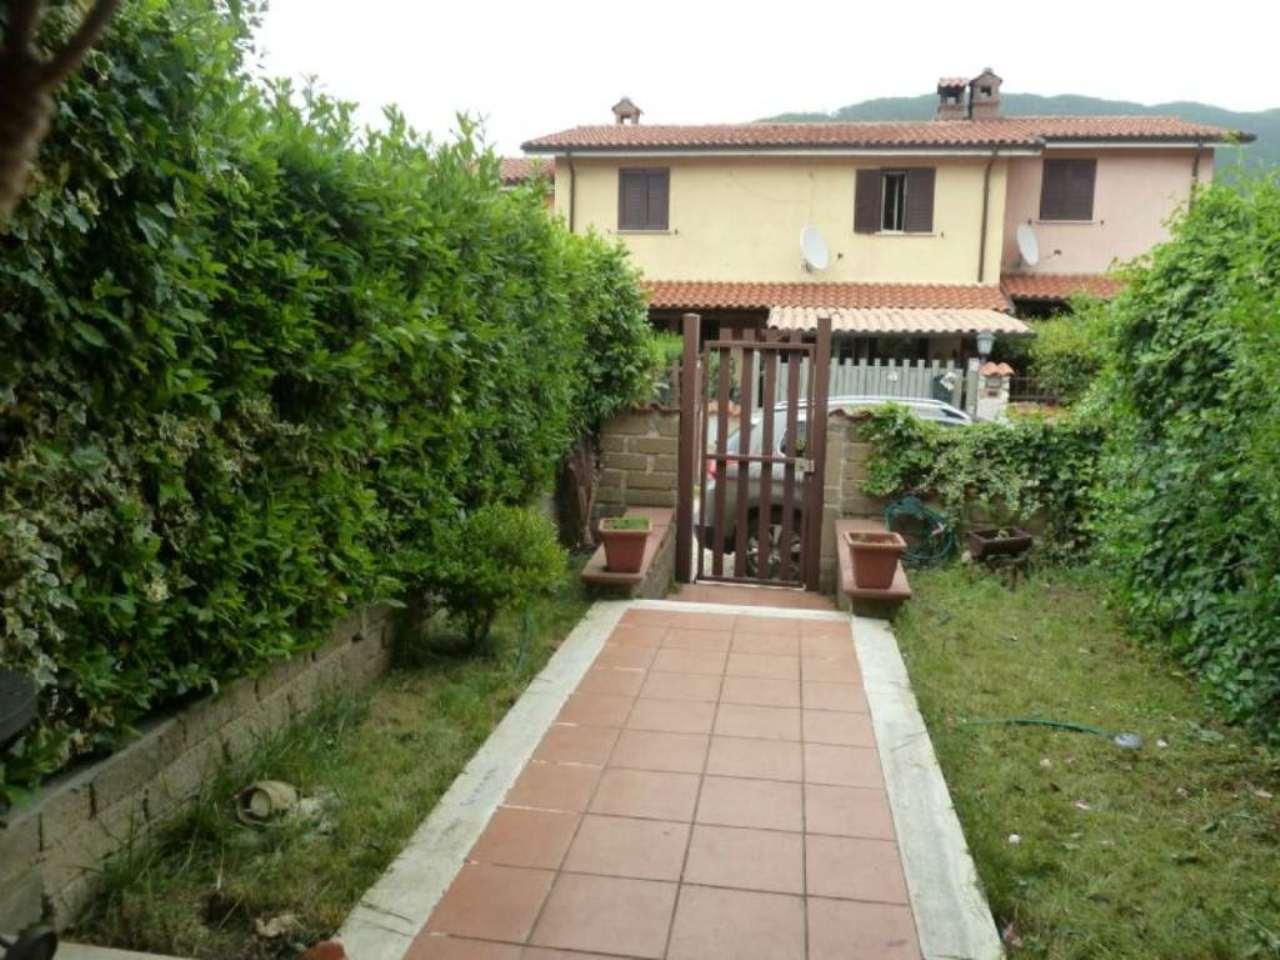 Palazzo / Stabile in vendita a Rocca di Botte, 4 locali, prezzo € 82.000 | Cambio Casa.it